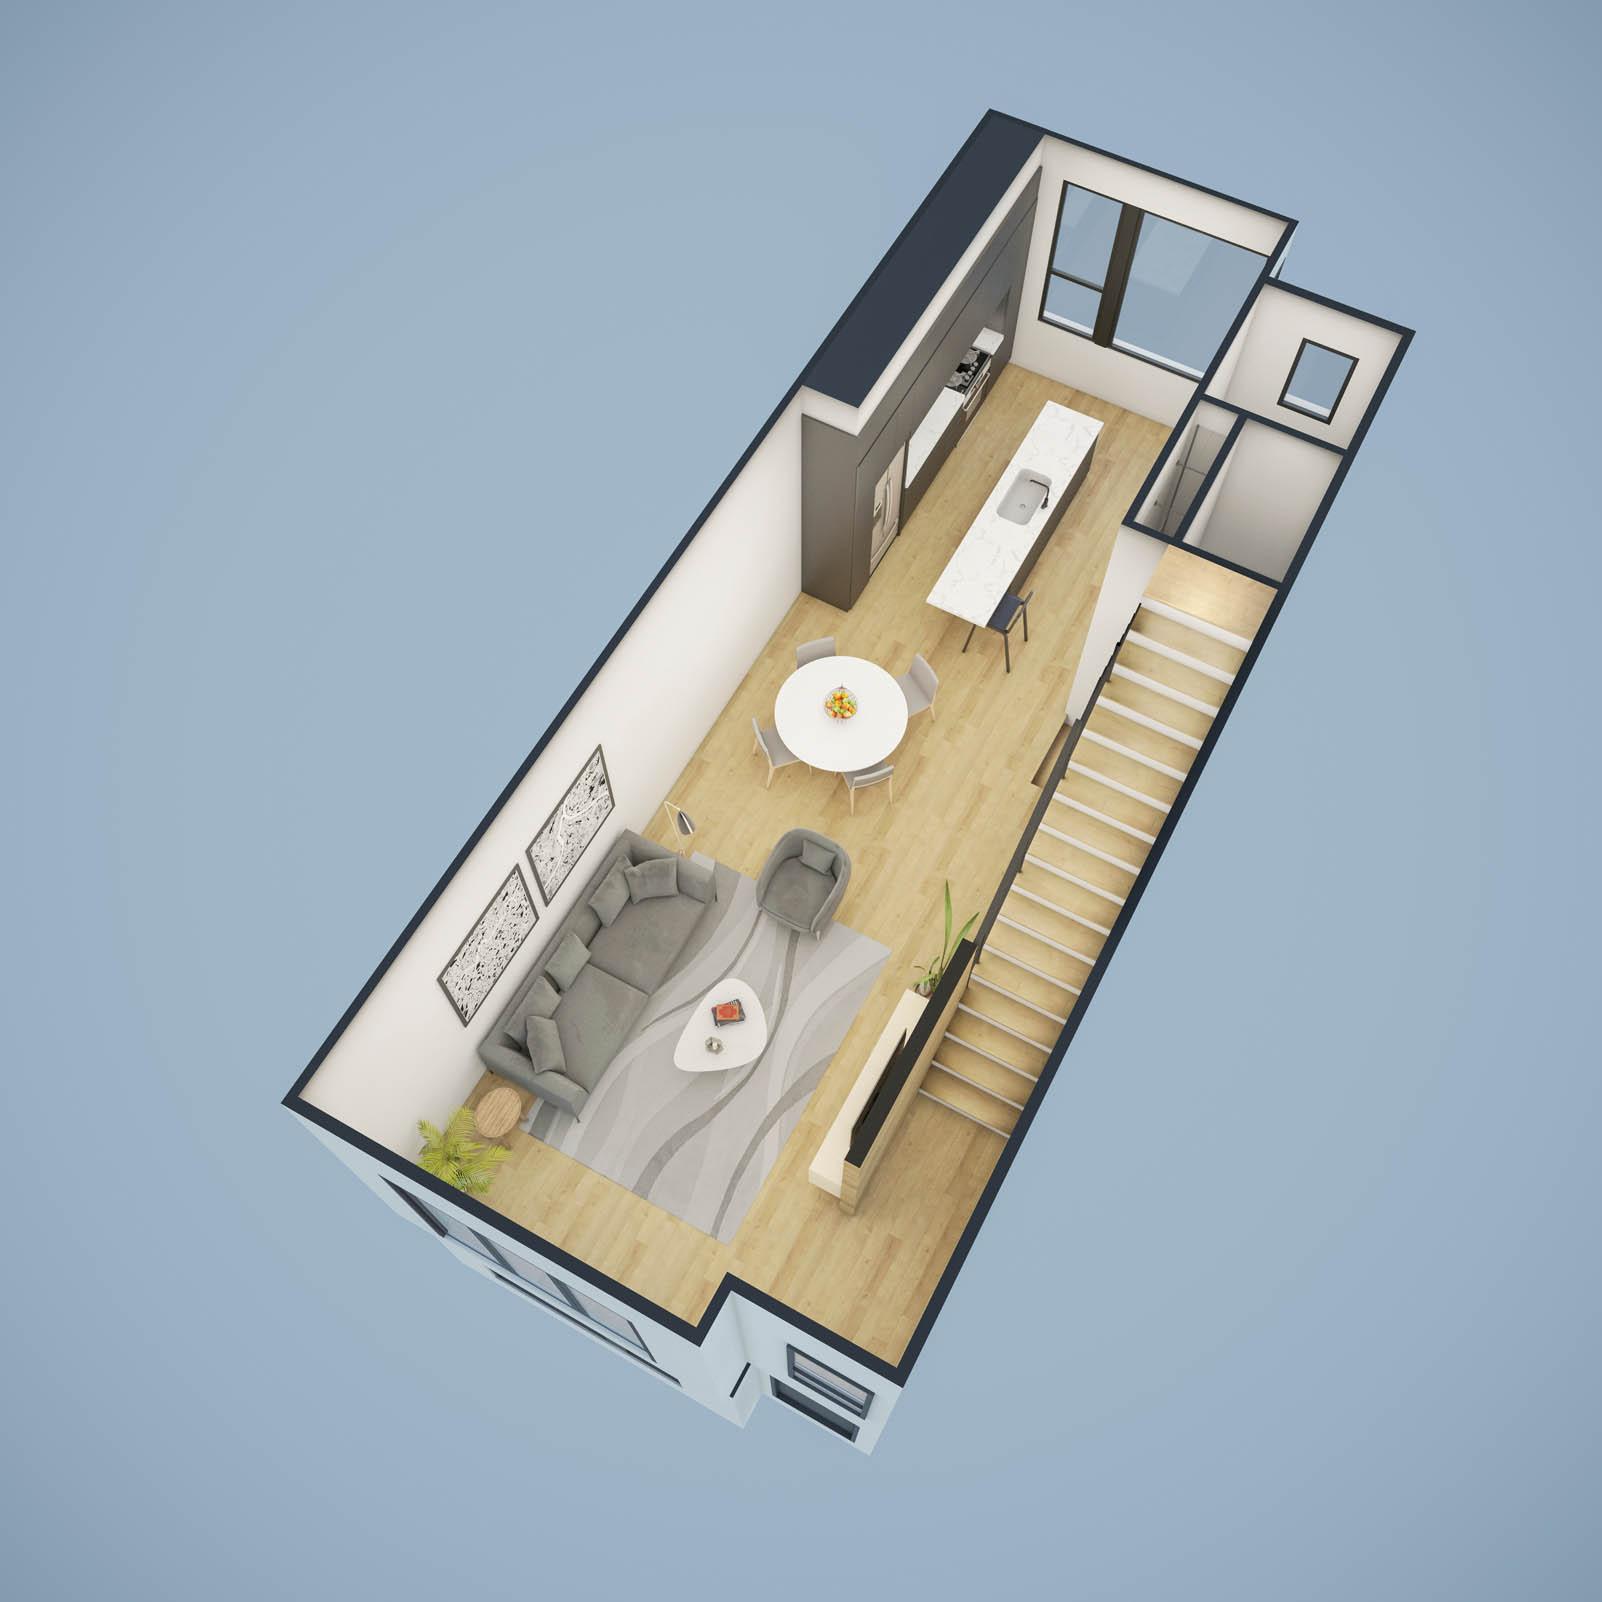 2nd Floor Cutaway